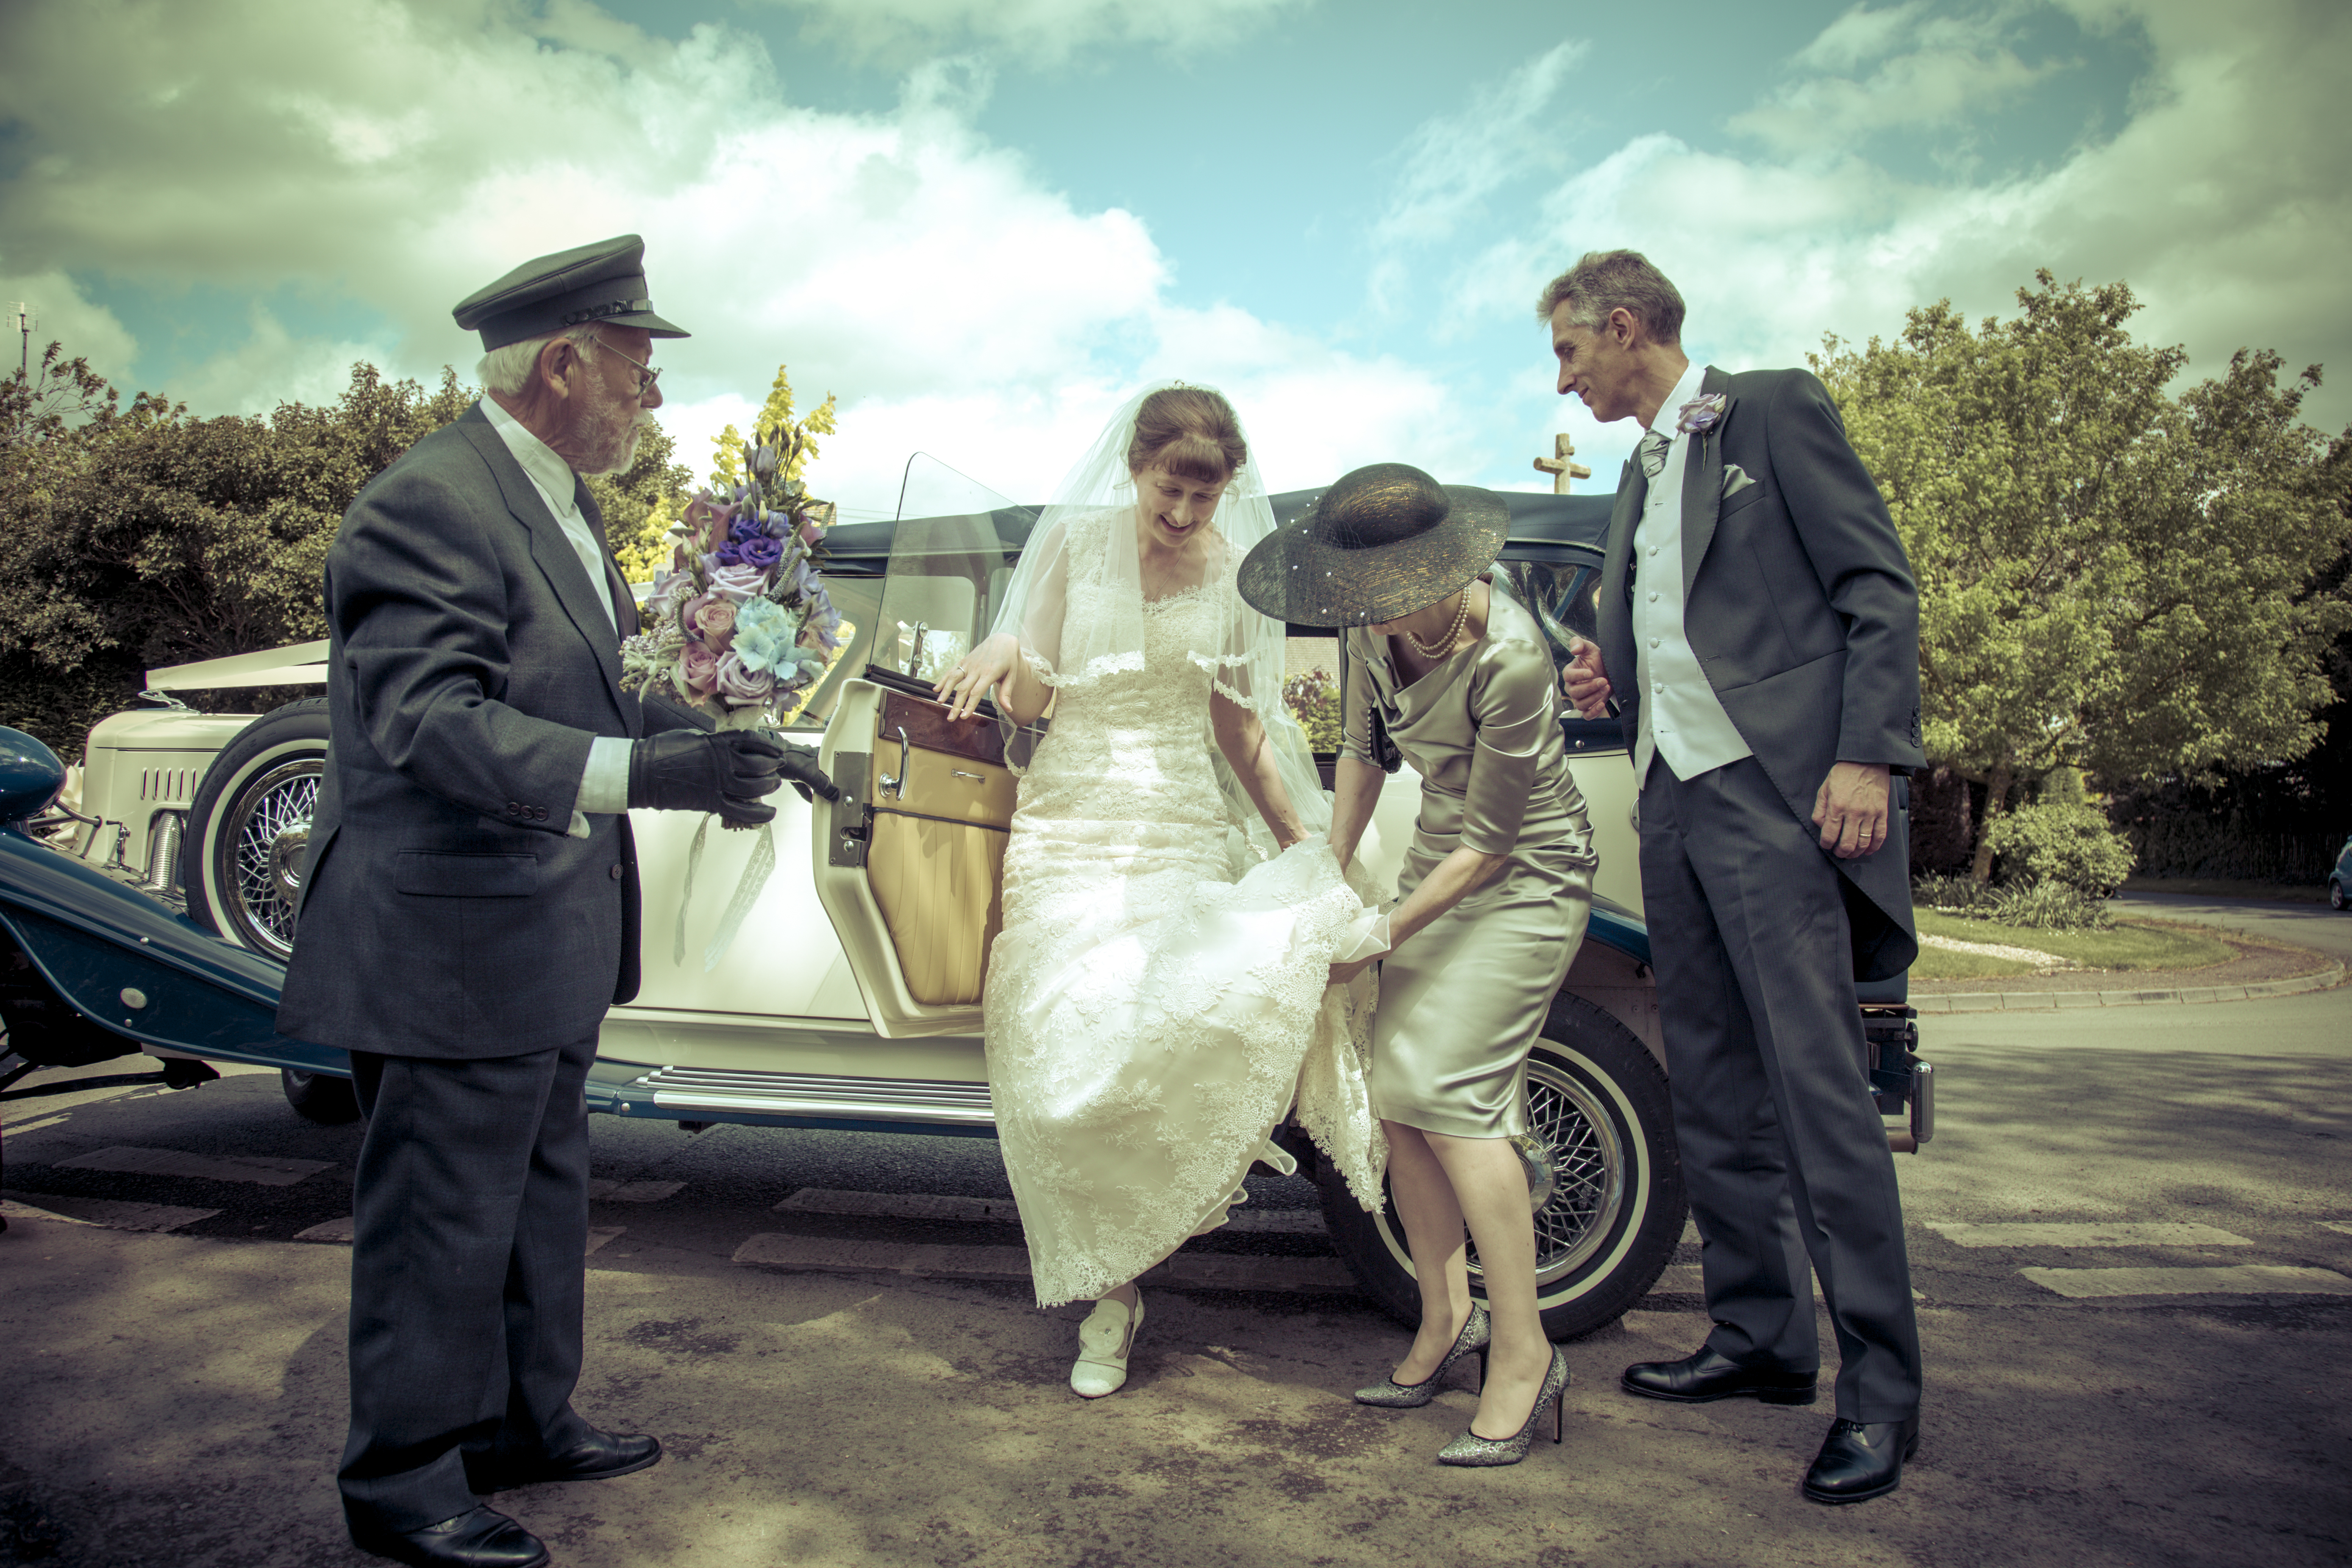 ed&fionawedding-40